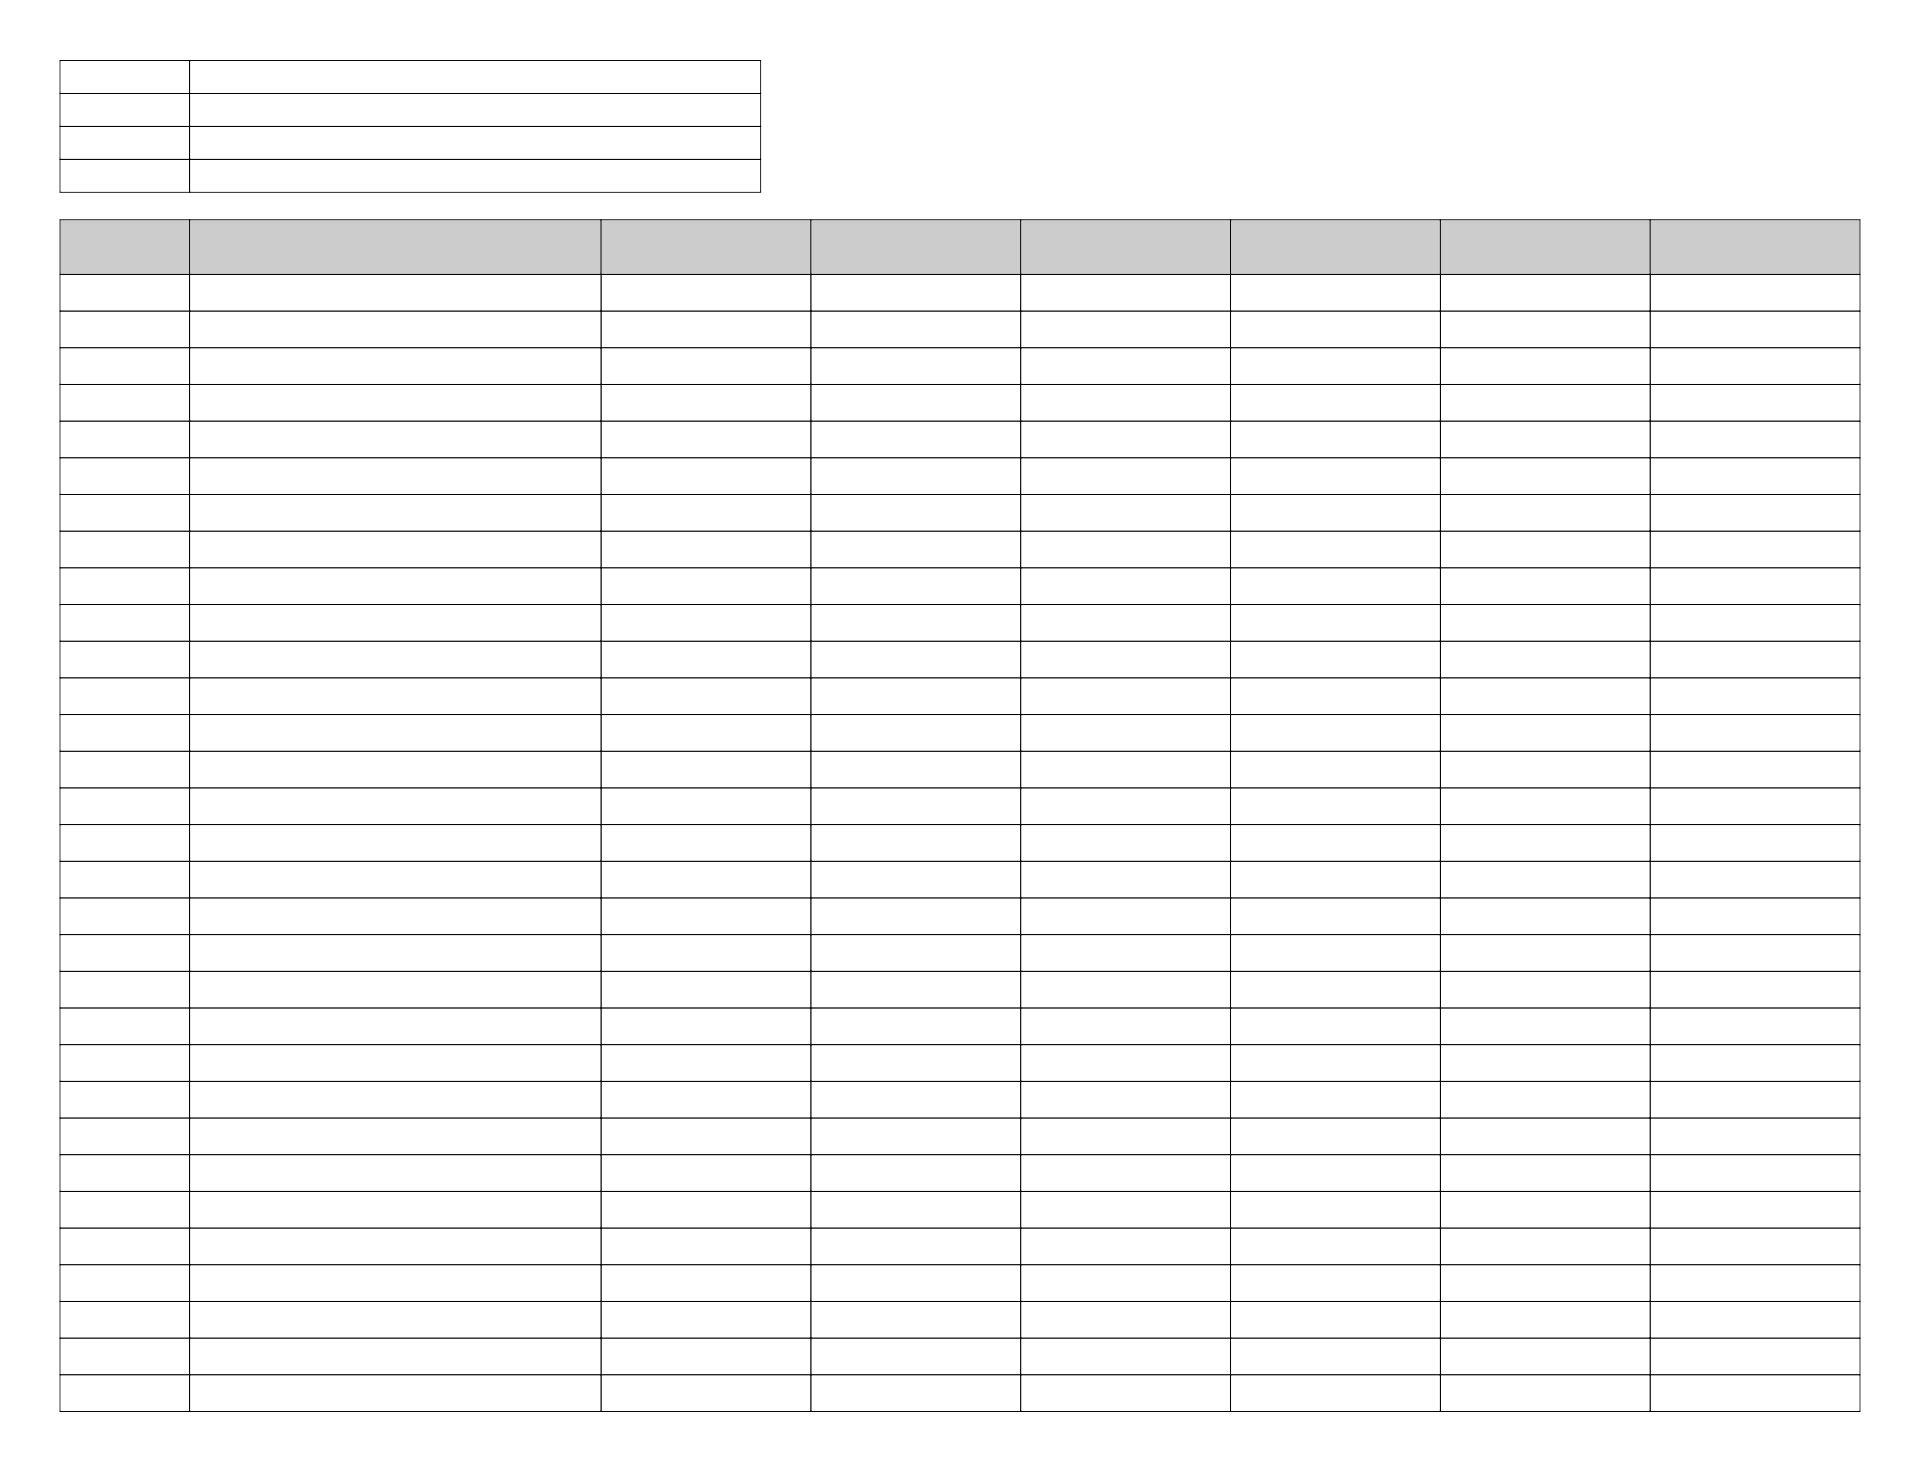 Free Printable Spreadsheet Templates